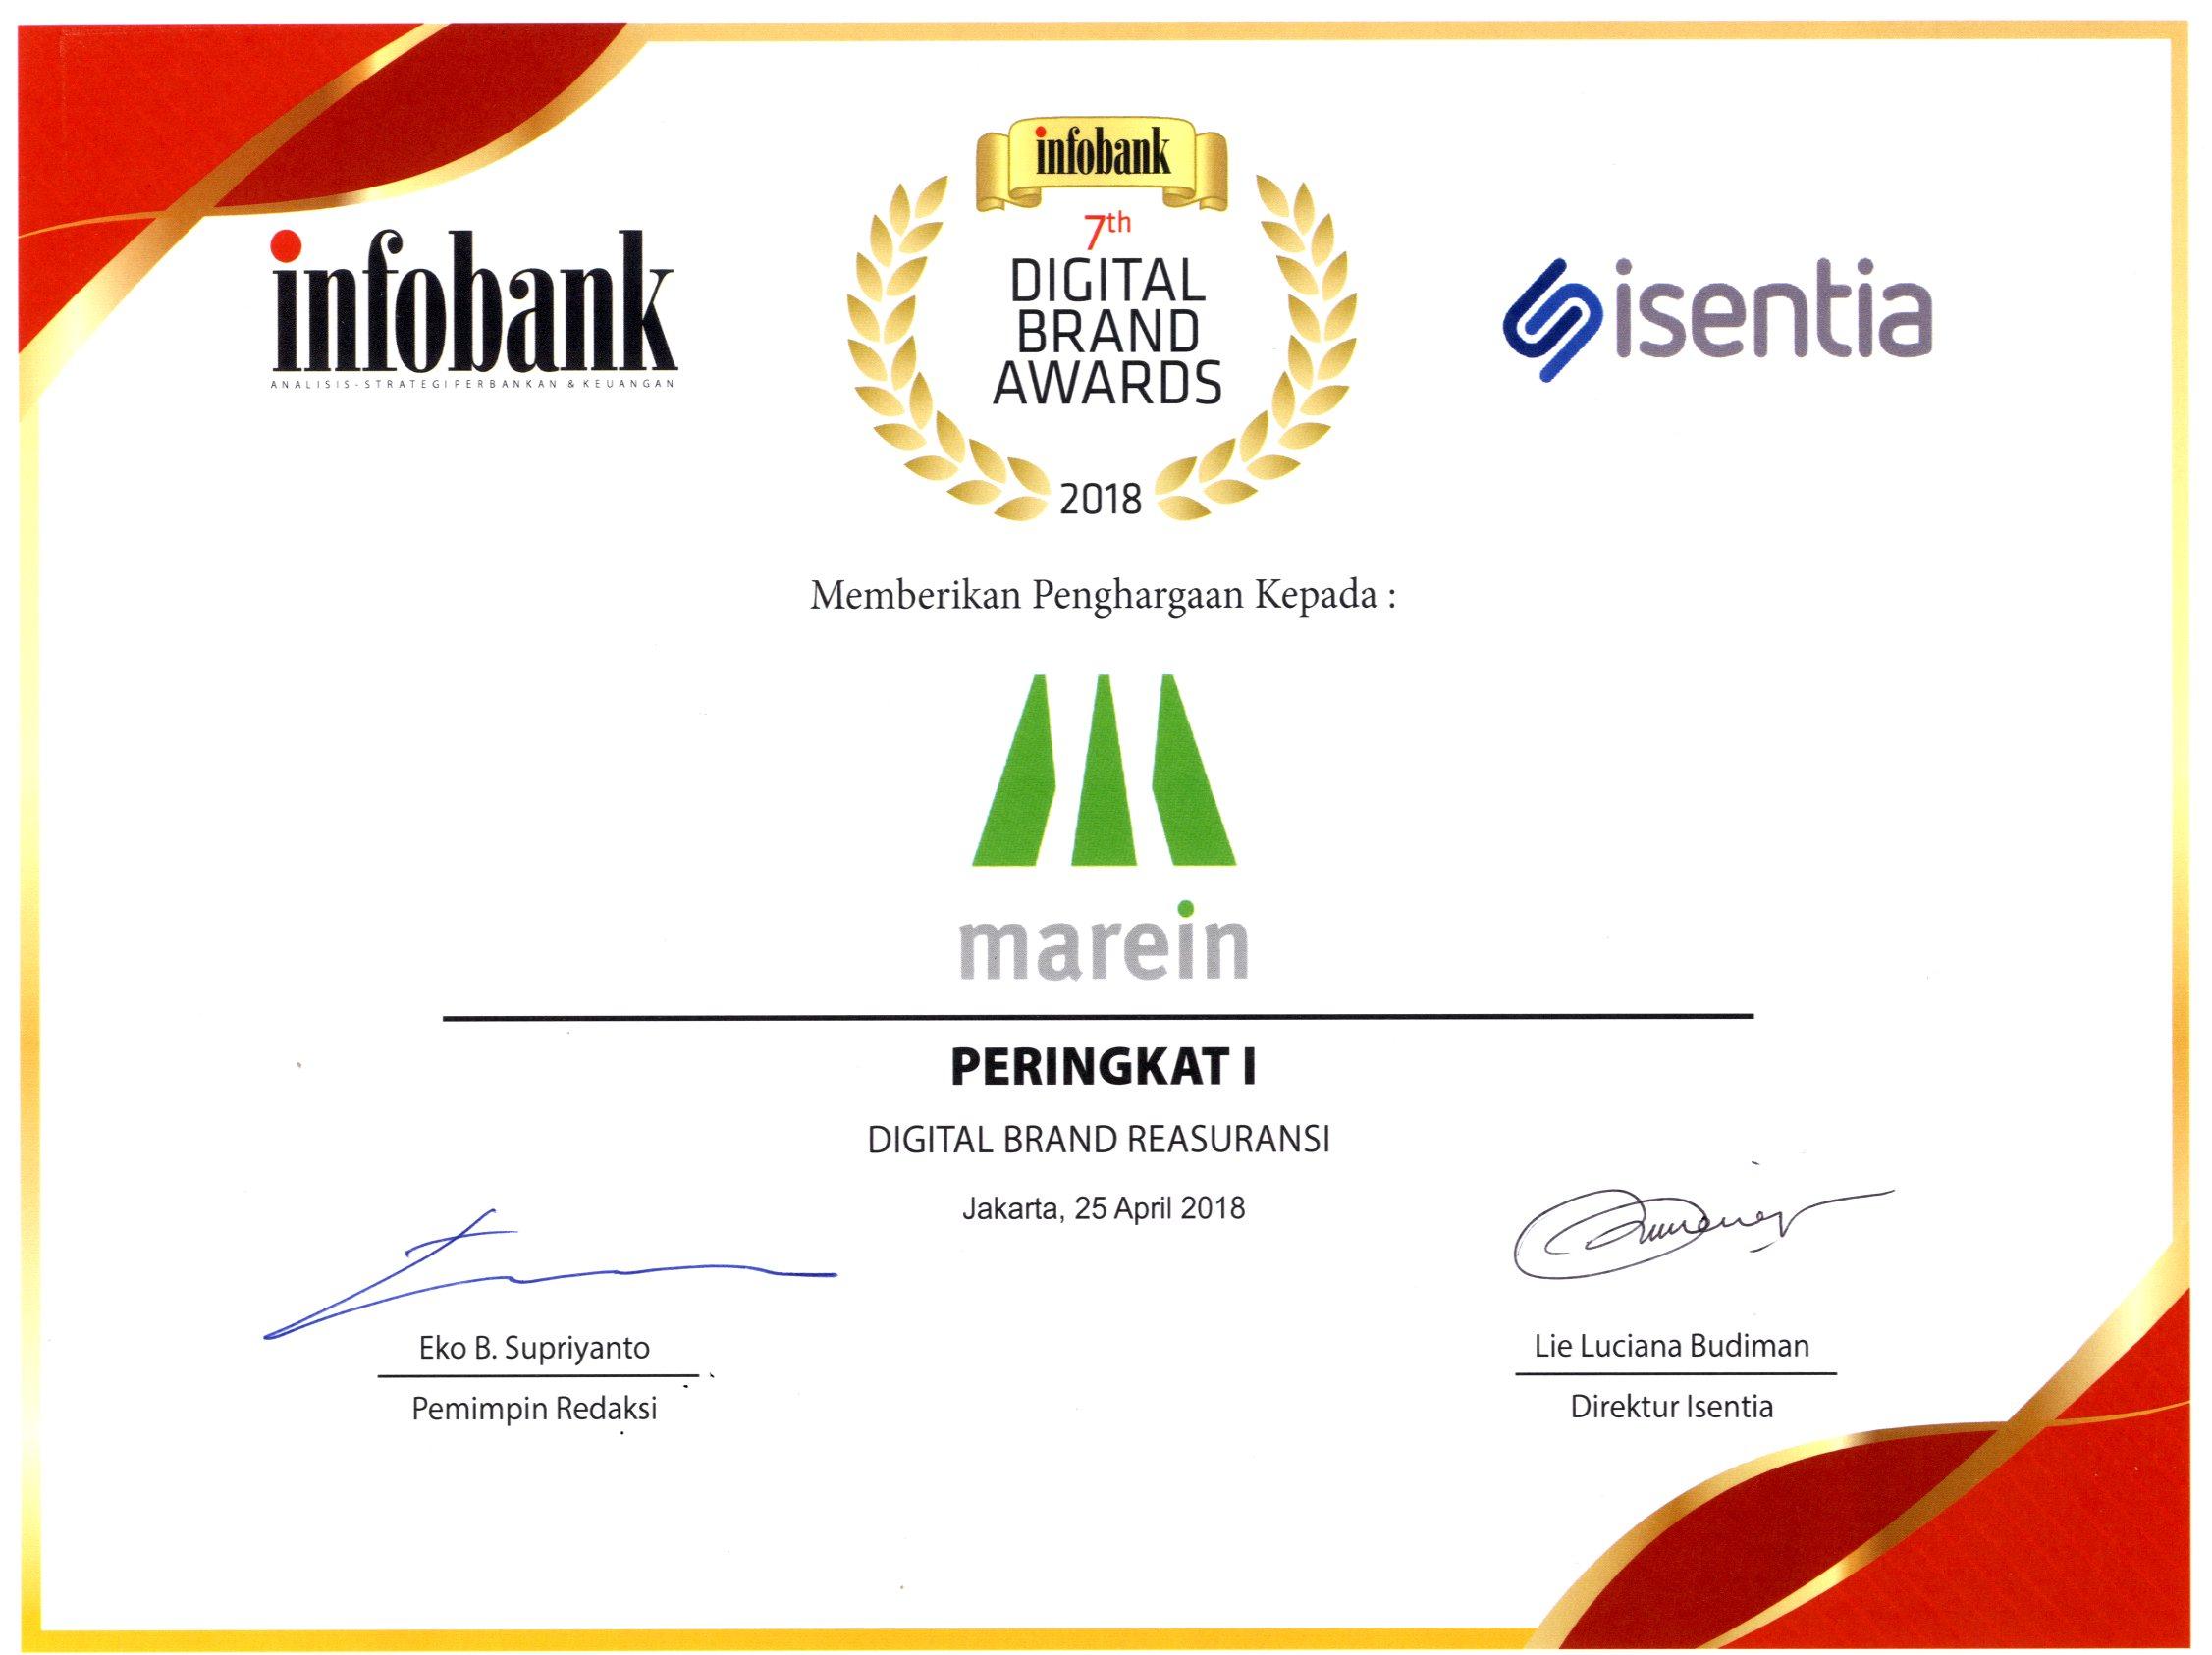 Majalah Infobank : Peringkat I Digital Brand Reasuransi